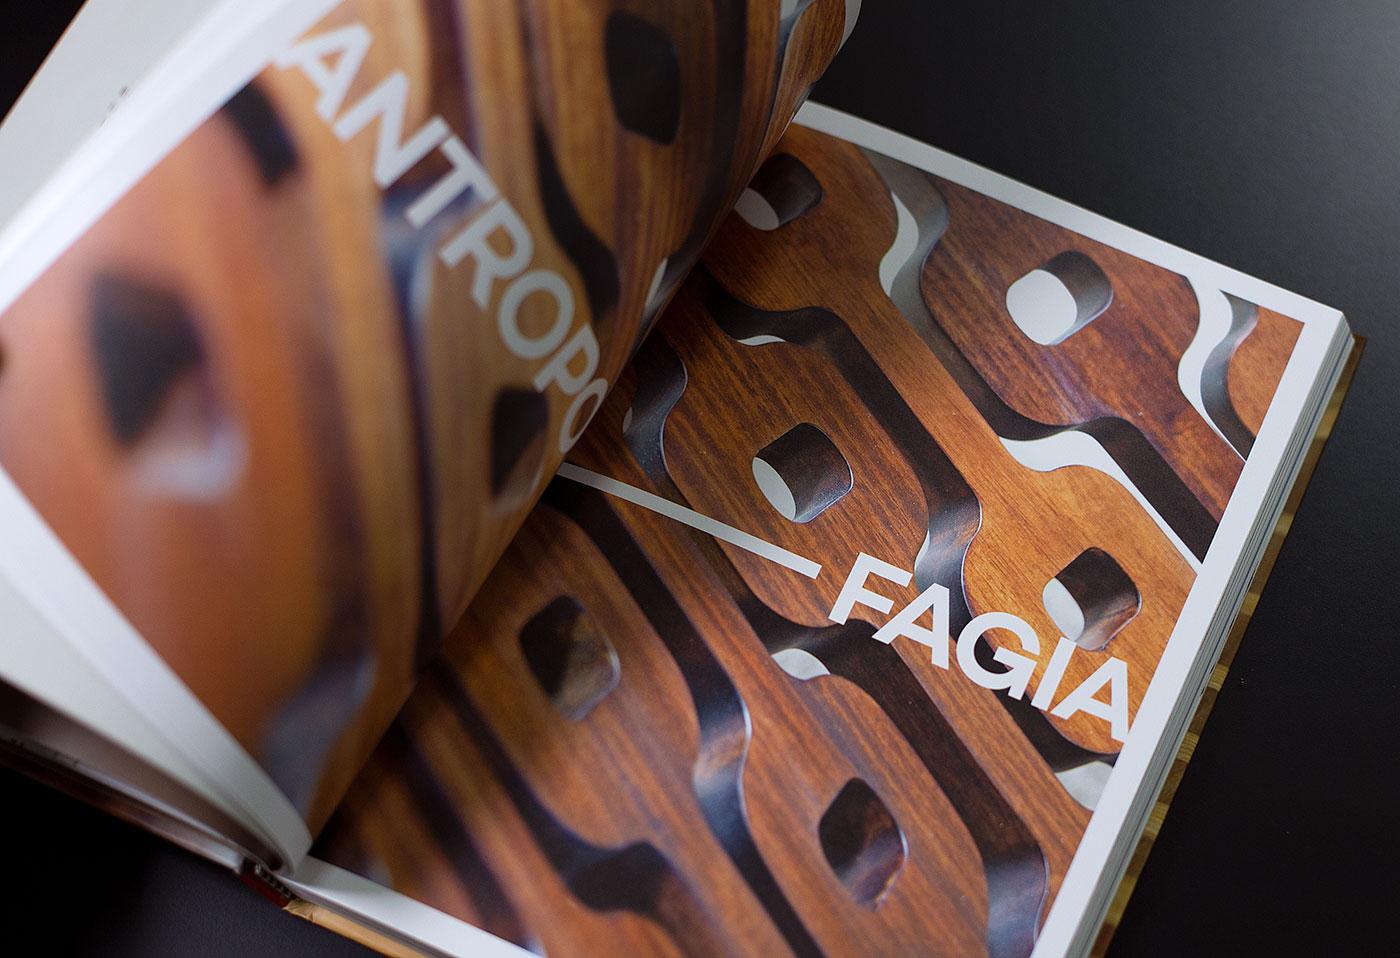 latoog_livro_08